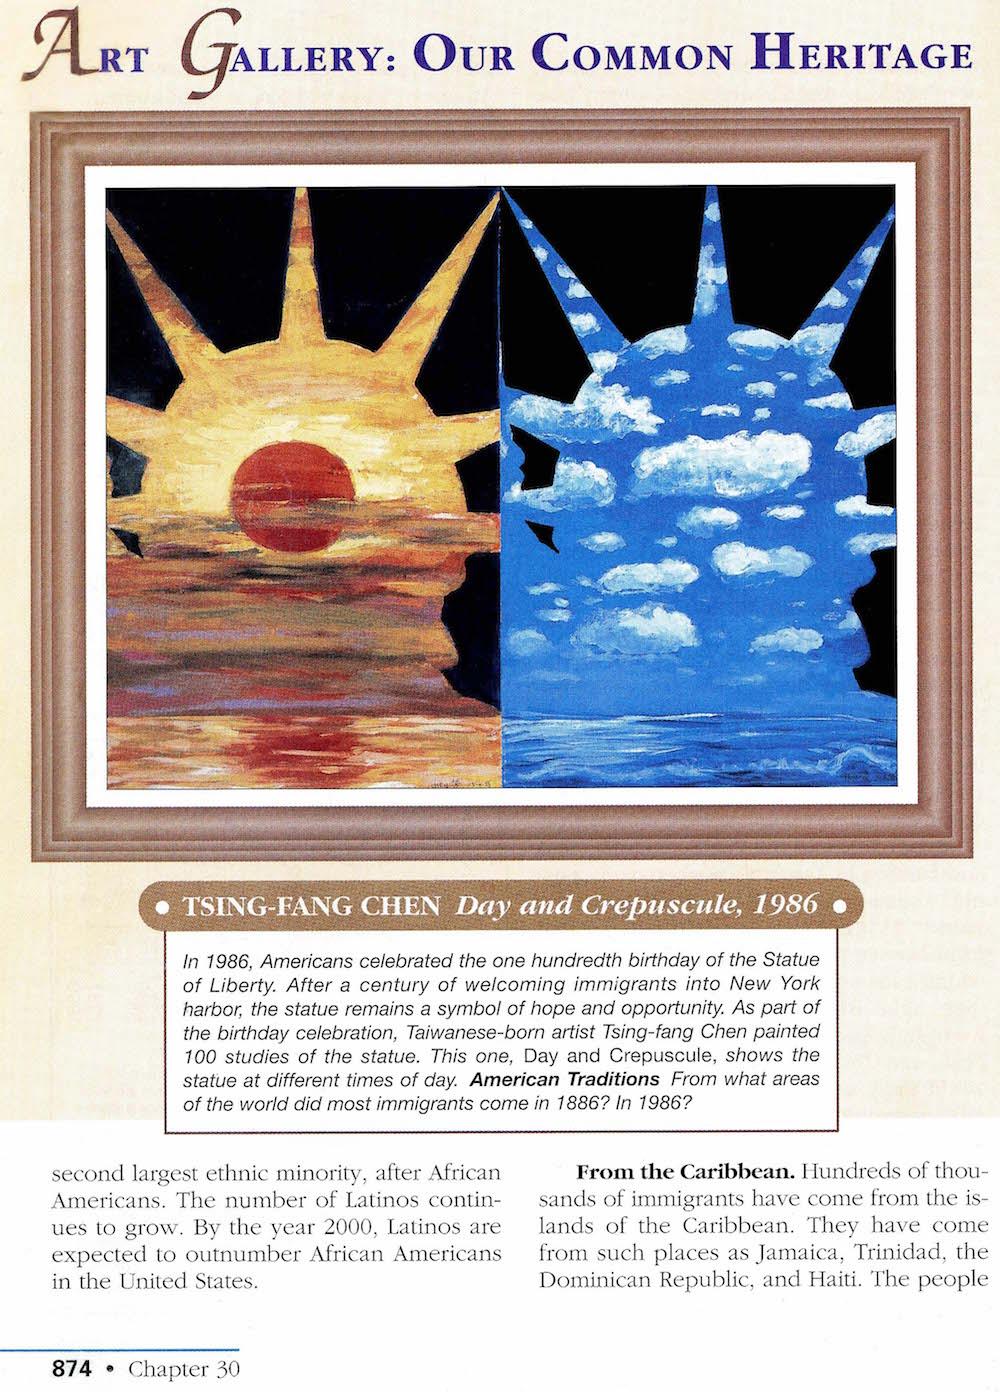 另外也是跨頁彩色在美國歷史的教科書裡的是兩幅陳博士的作品:「晨昏與白天」 及「自由之邦州」(Prentice Hill出版)。